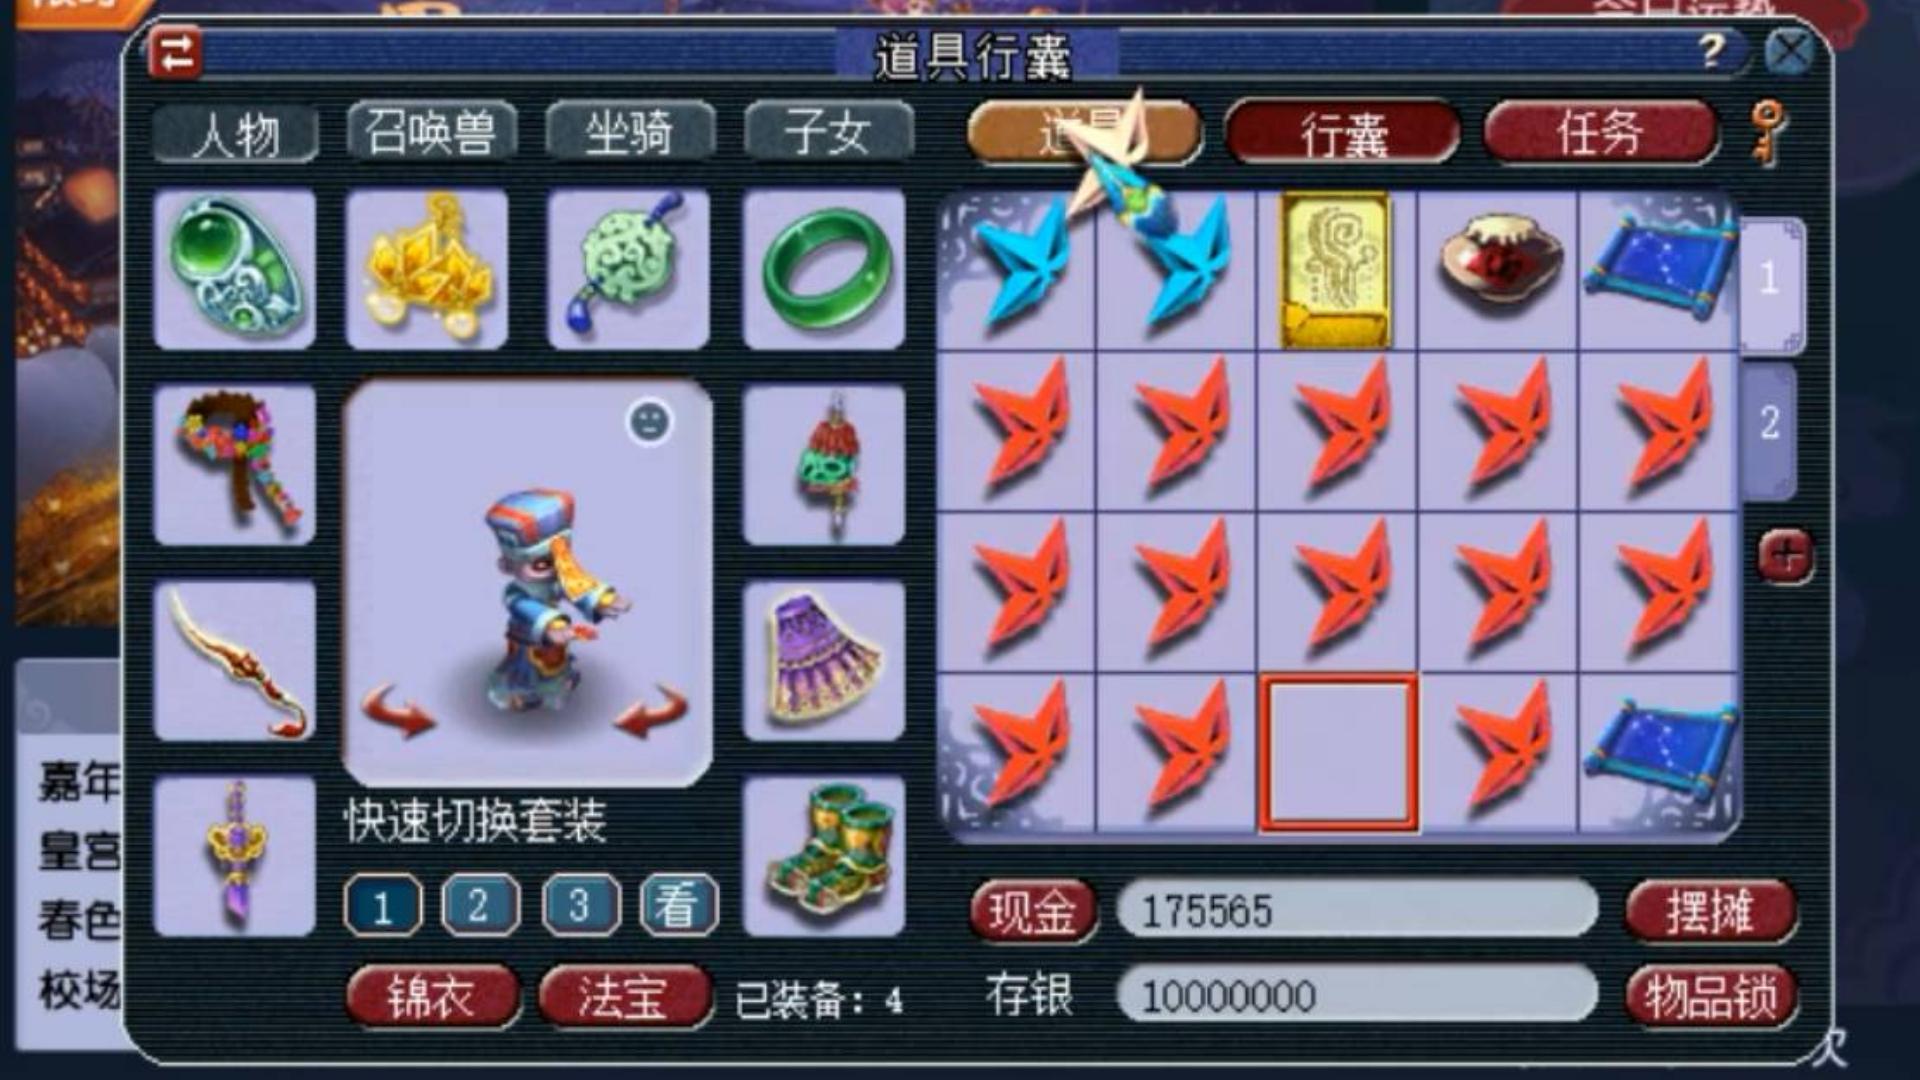 梦幻西游:老王给玩家开五个号的星辰碎片,看看都能给些什么吧?